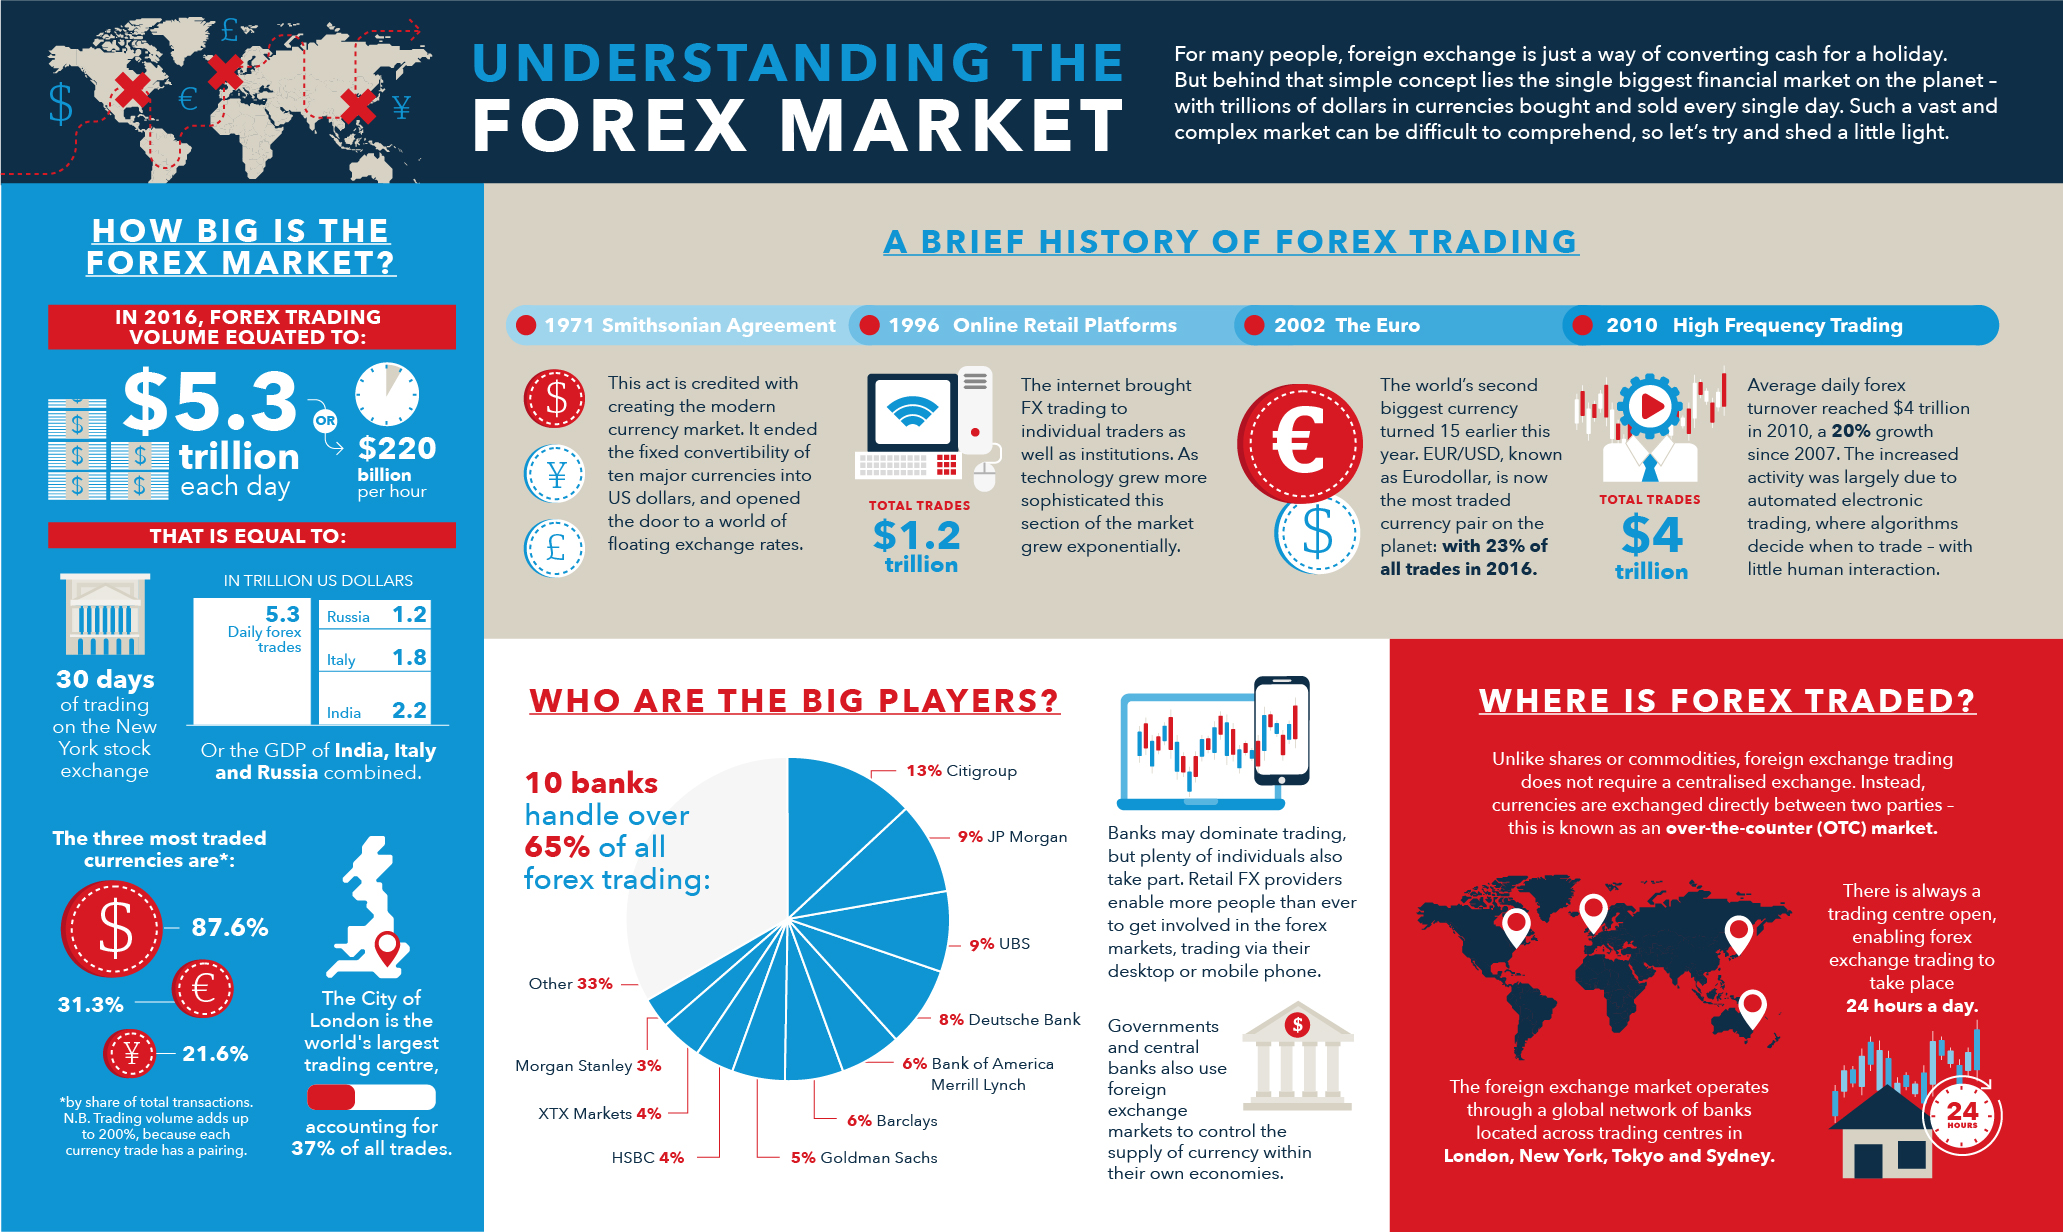 Asset 1 - Forex Market